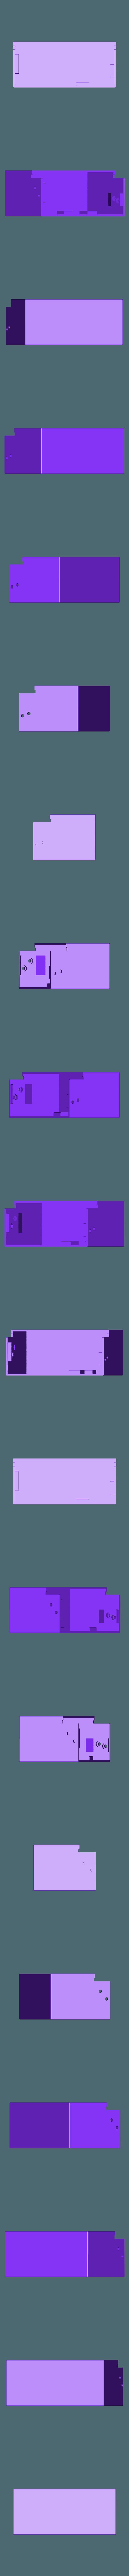 Carcasa_Fuente_de_Alimentacion_con_interuptor.stl Télécharger fichier STL gratuit Carcasa Fuente de Alimentación con interruptor de encendido • Plan pour imprimante 3D, celtarra12